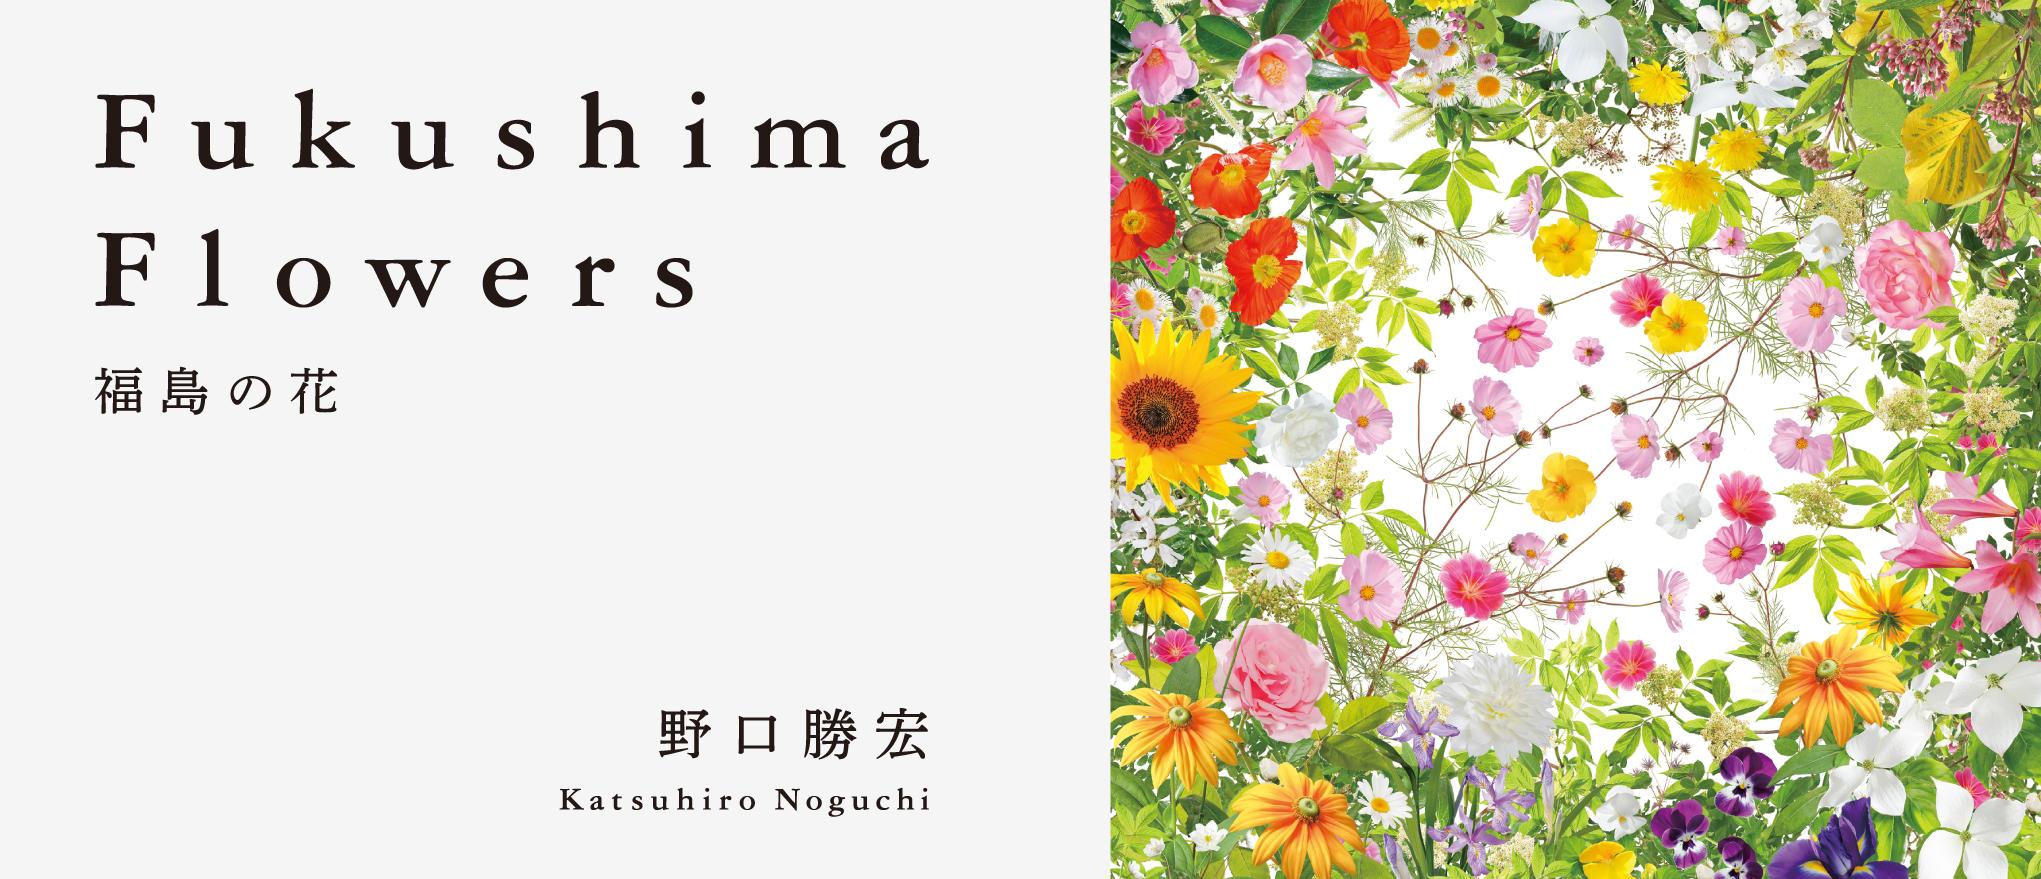 Fukushima-Flowers